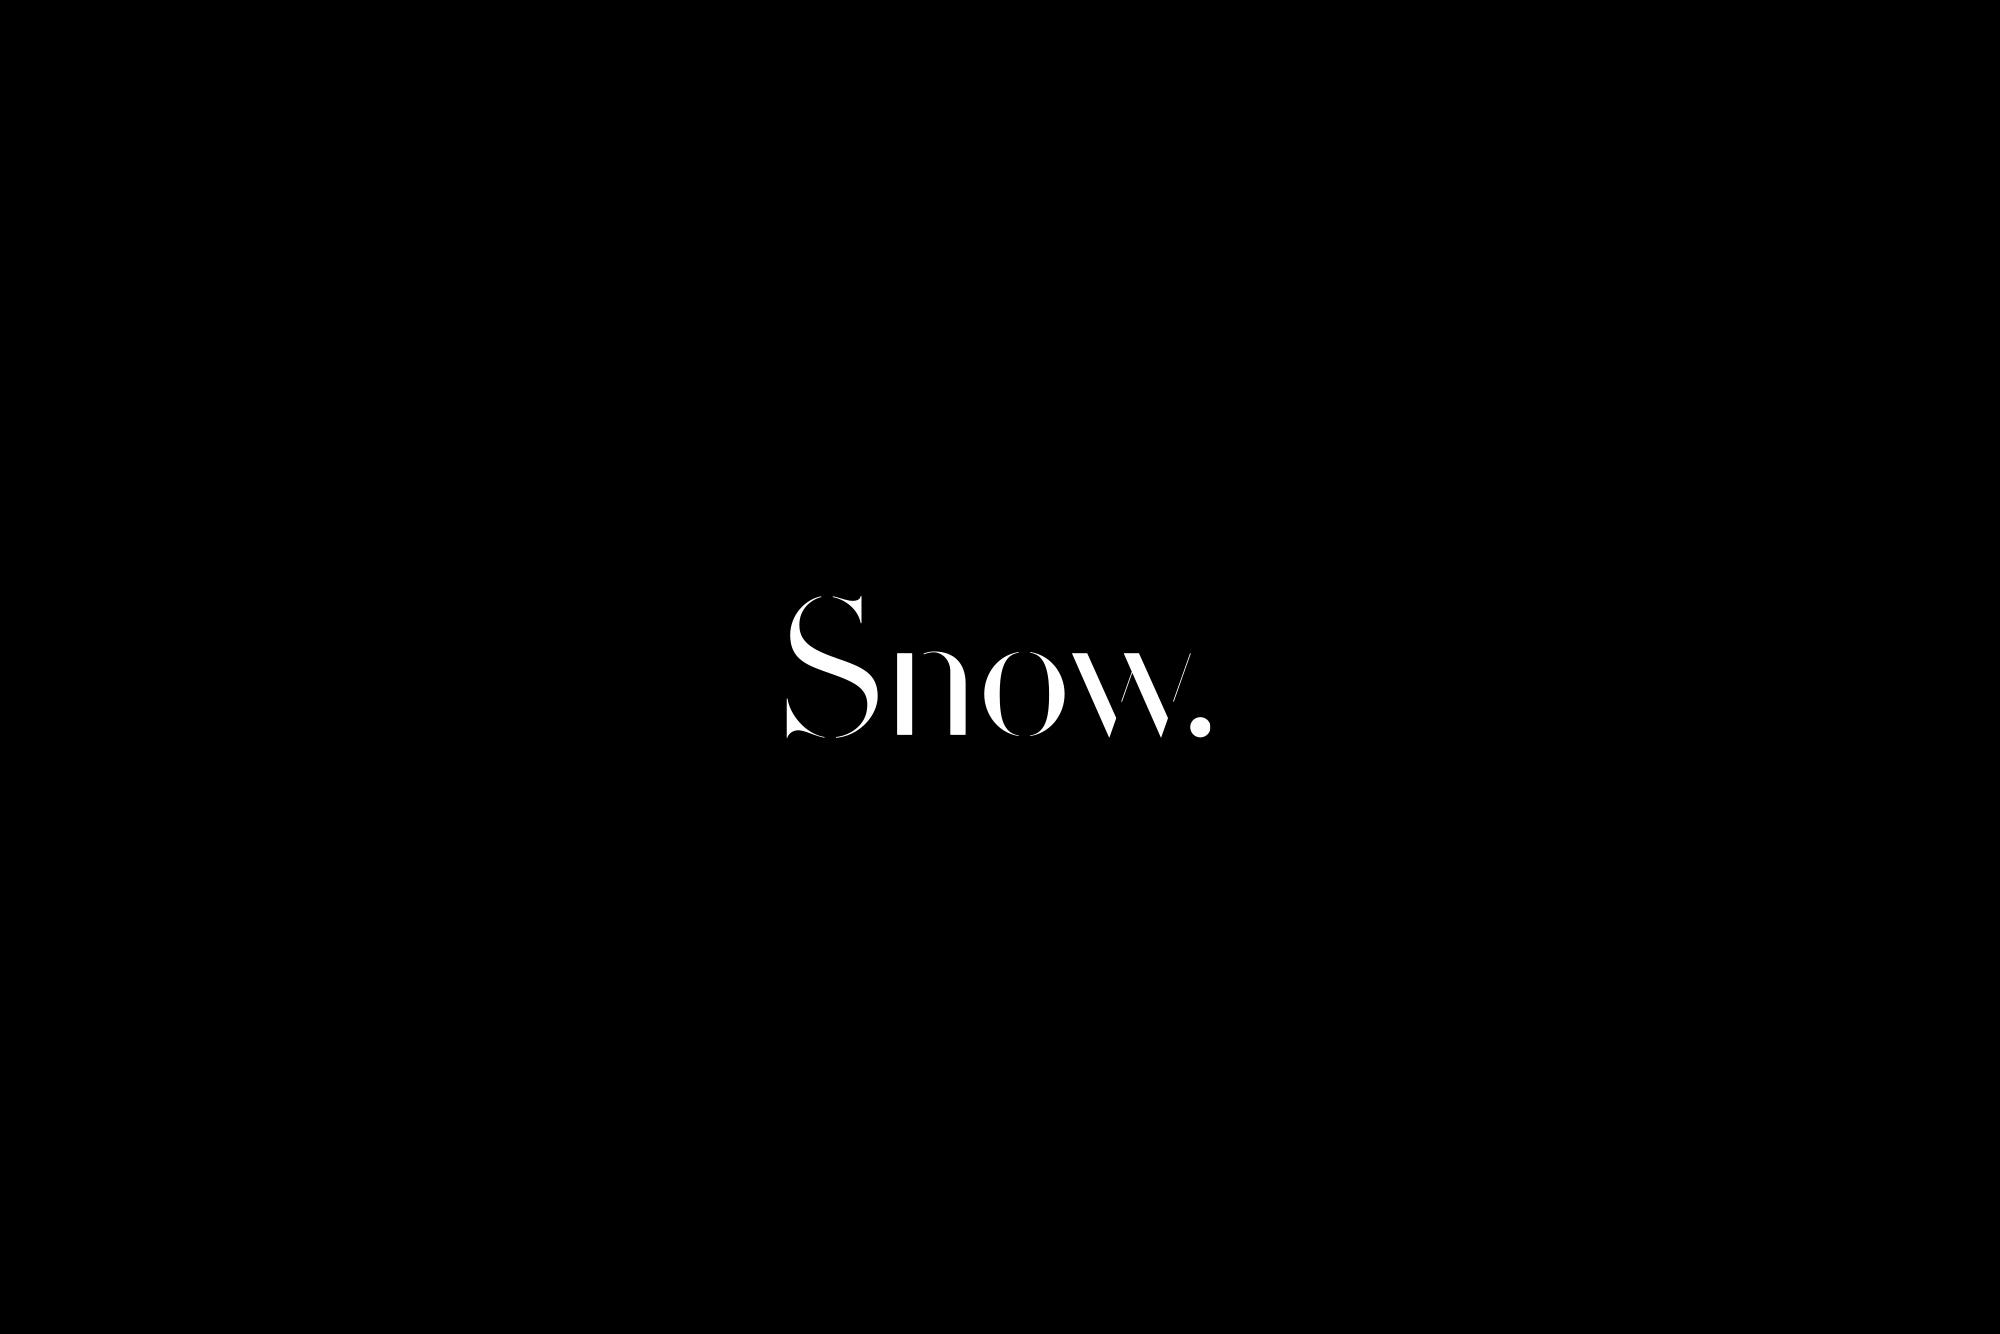 LG_Portfolio 2014_Work_Talitha Snow_02